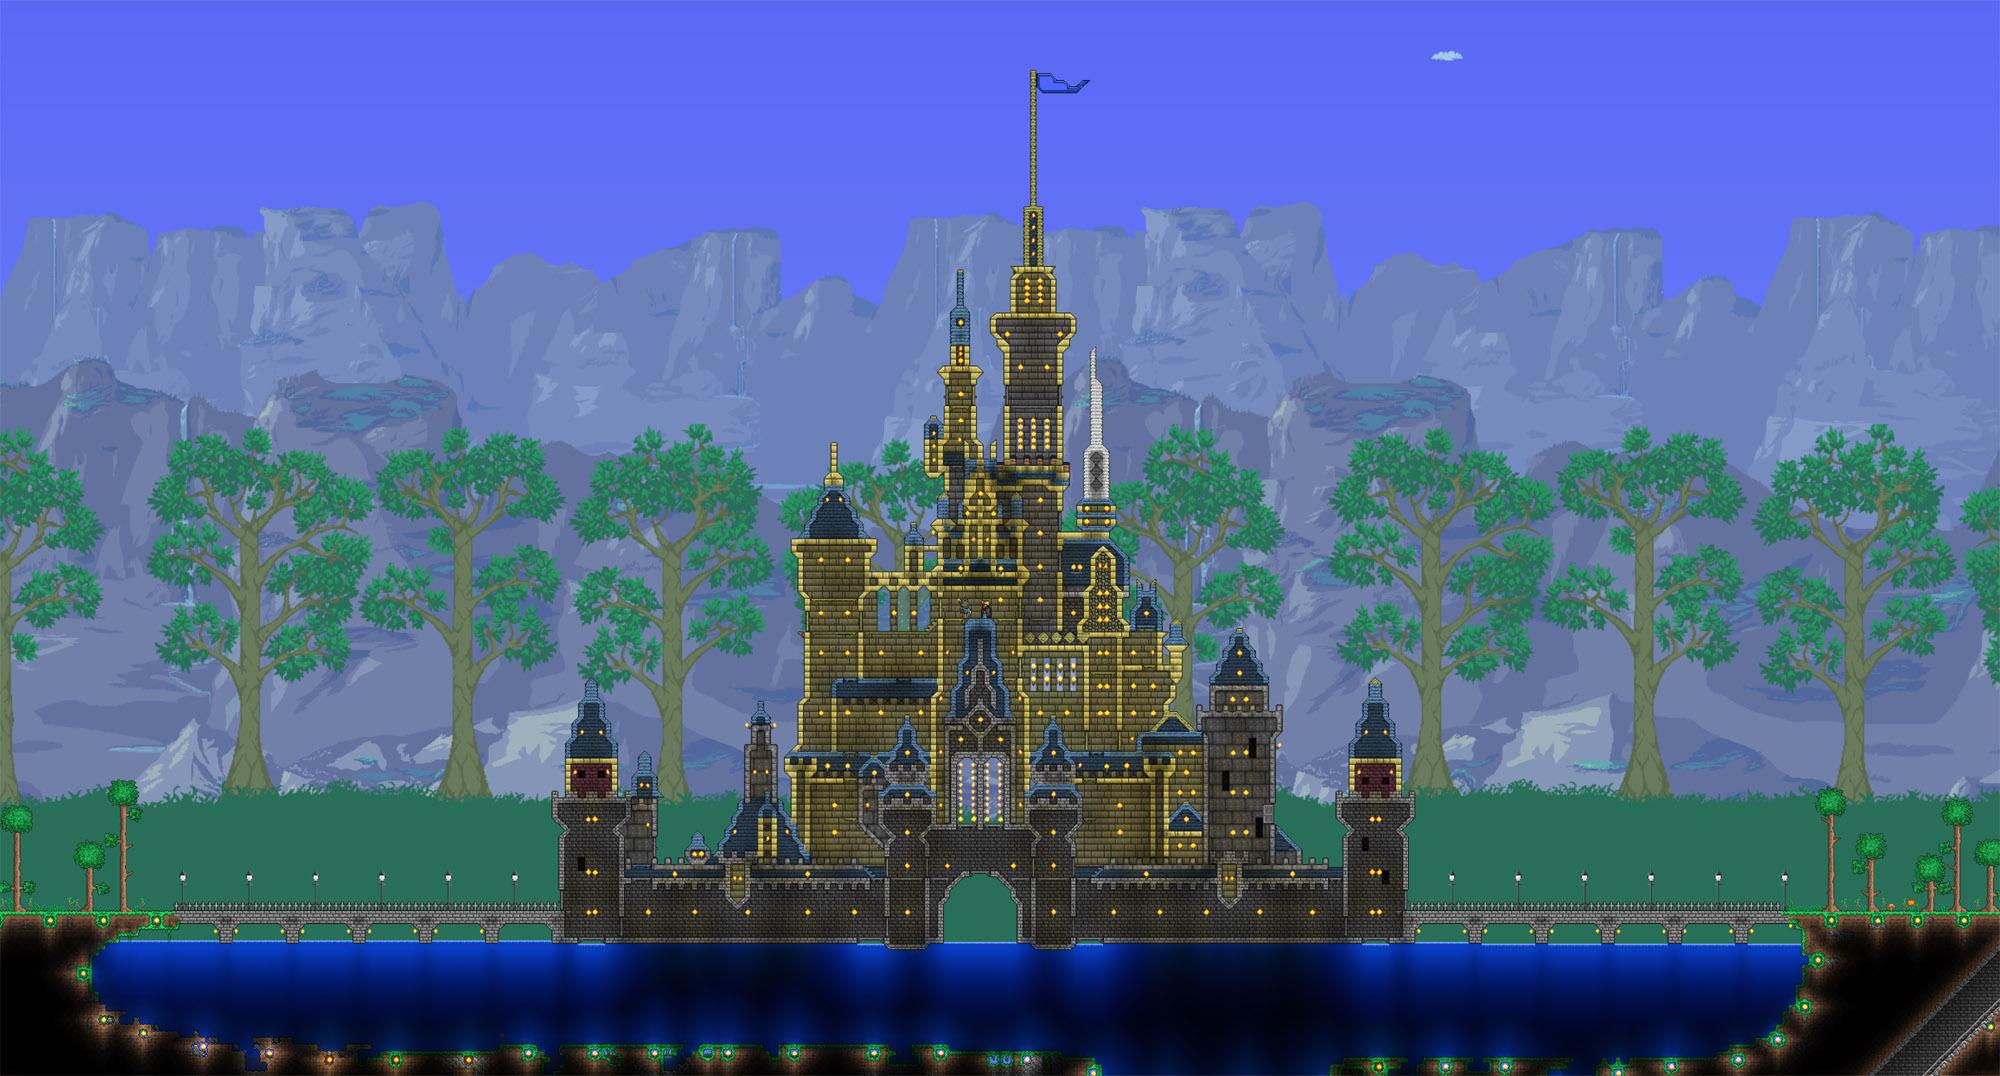 steam コミュニティ スクリーンショット disney castle by